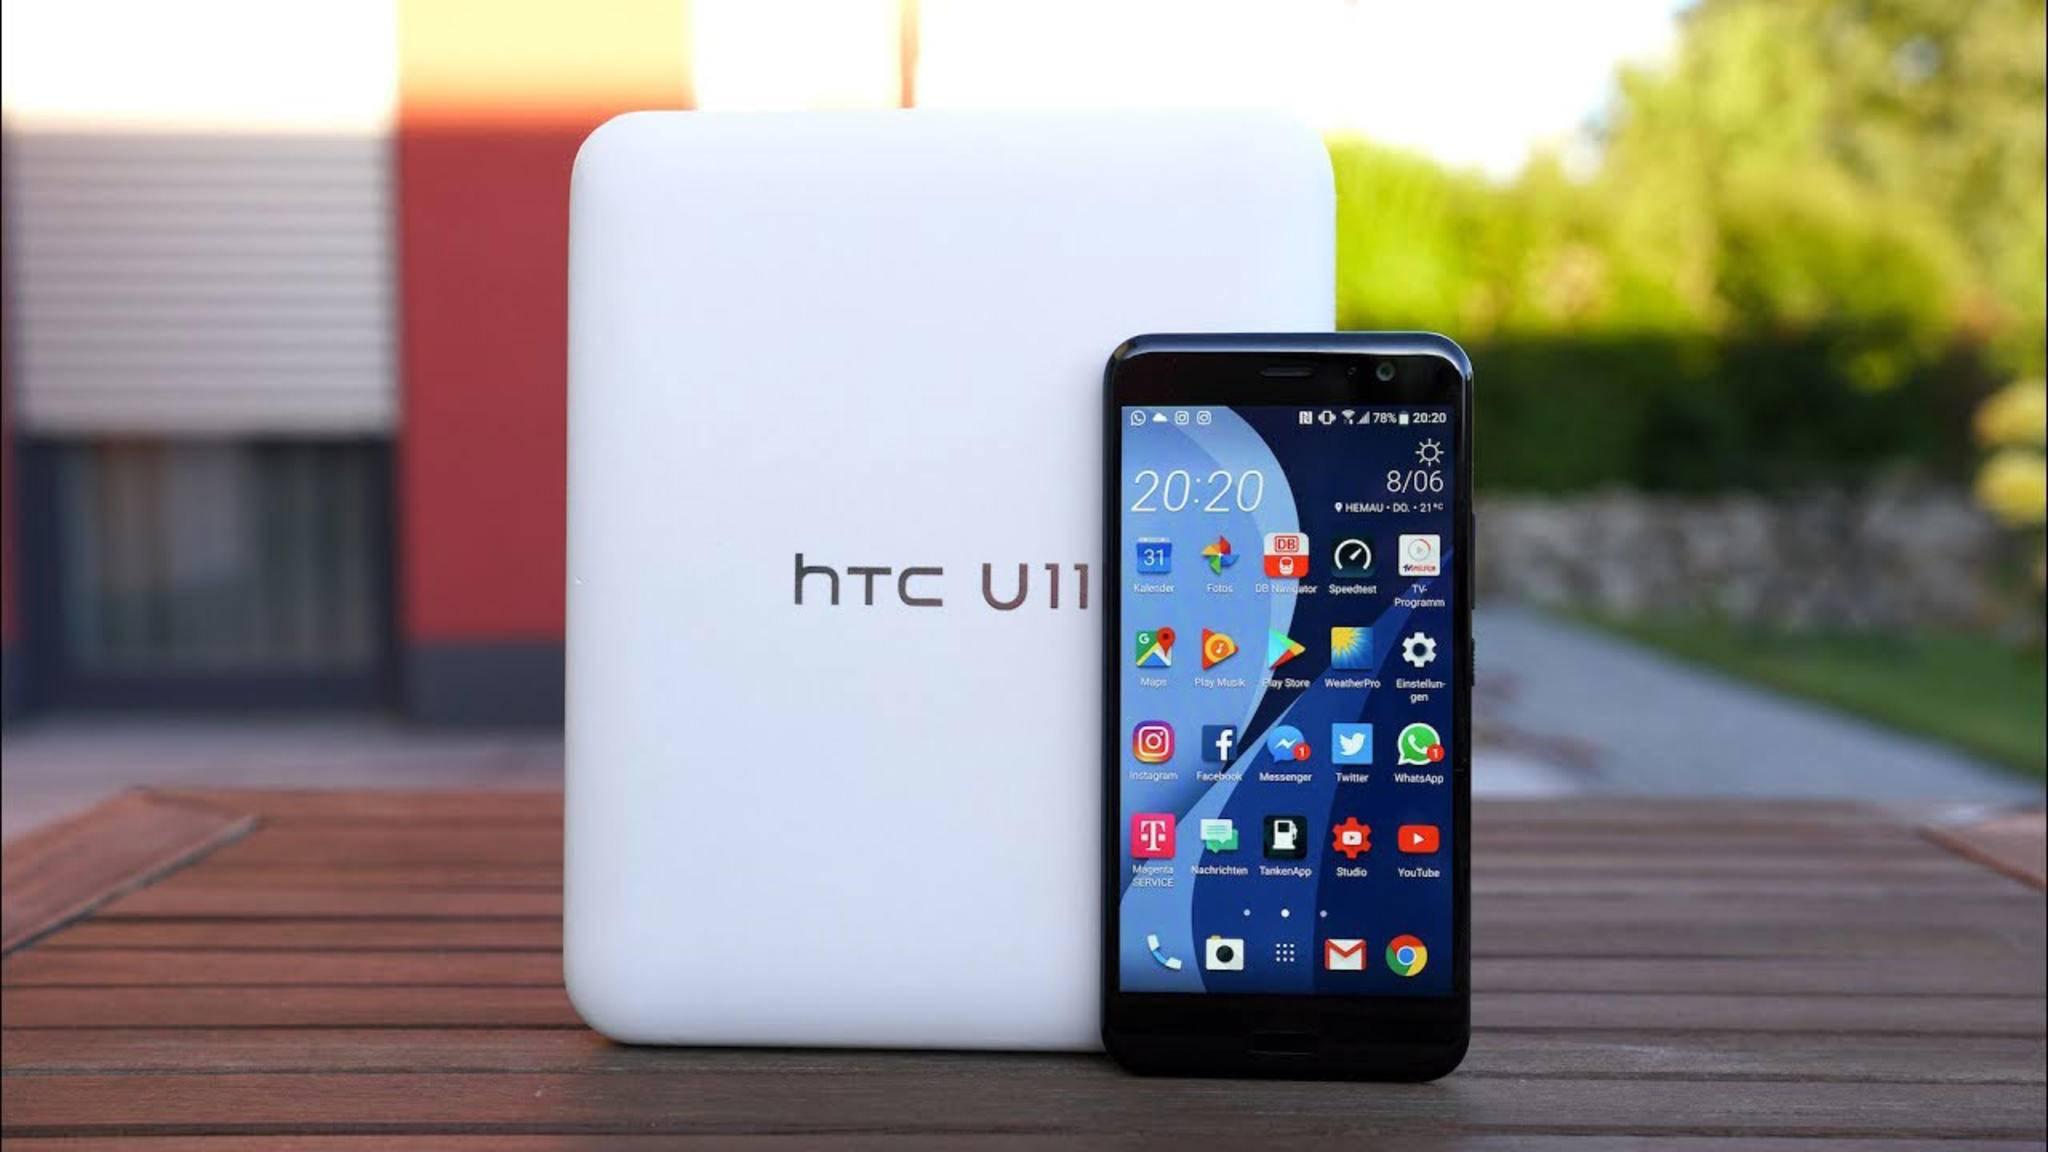 Werbeanzeigen in der Standard-Keyboard-App auf HTC-Geräten? Das sagt der Hersteller dazu.